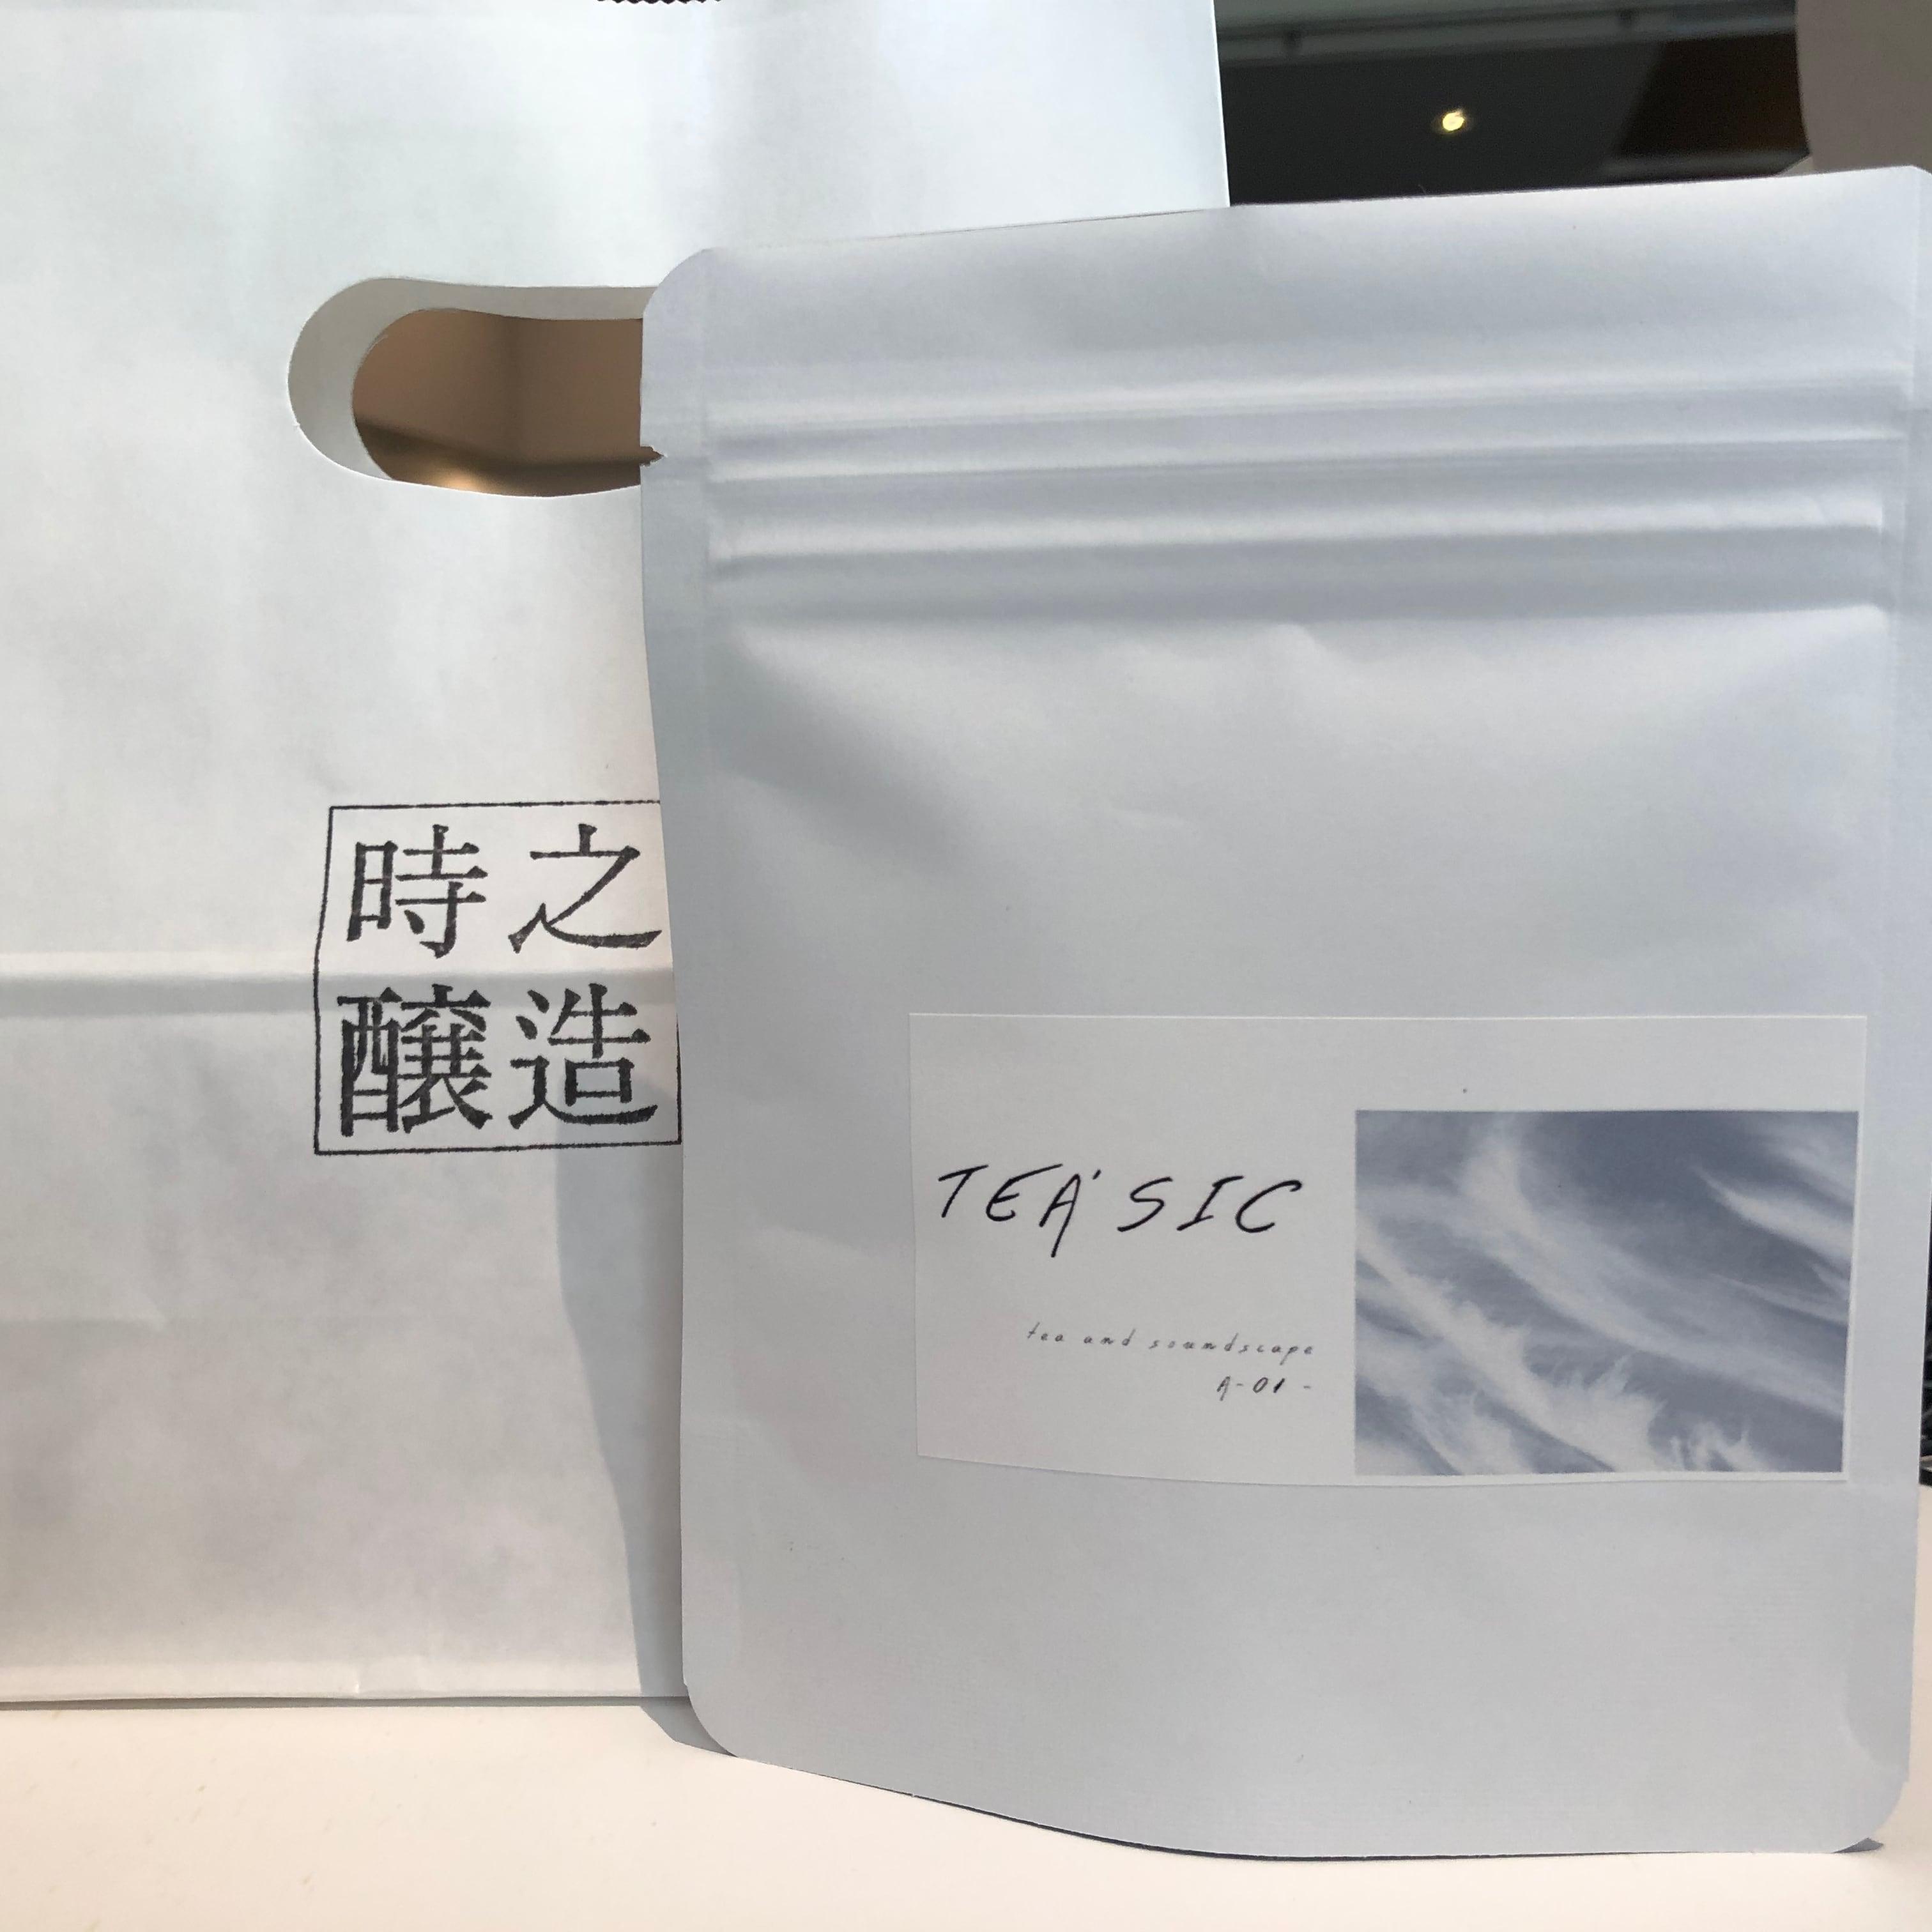 【5pc入り】味わいの音楽付き日本茶 TEA'SIC A-01